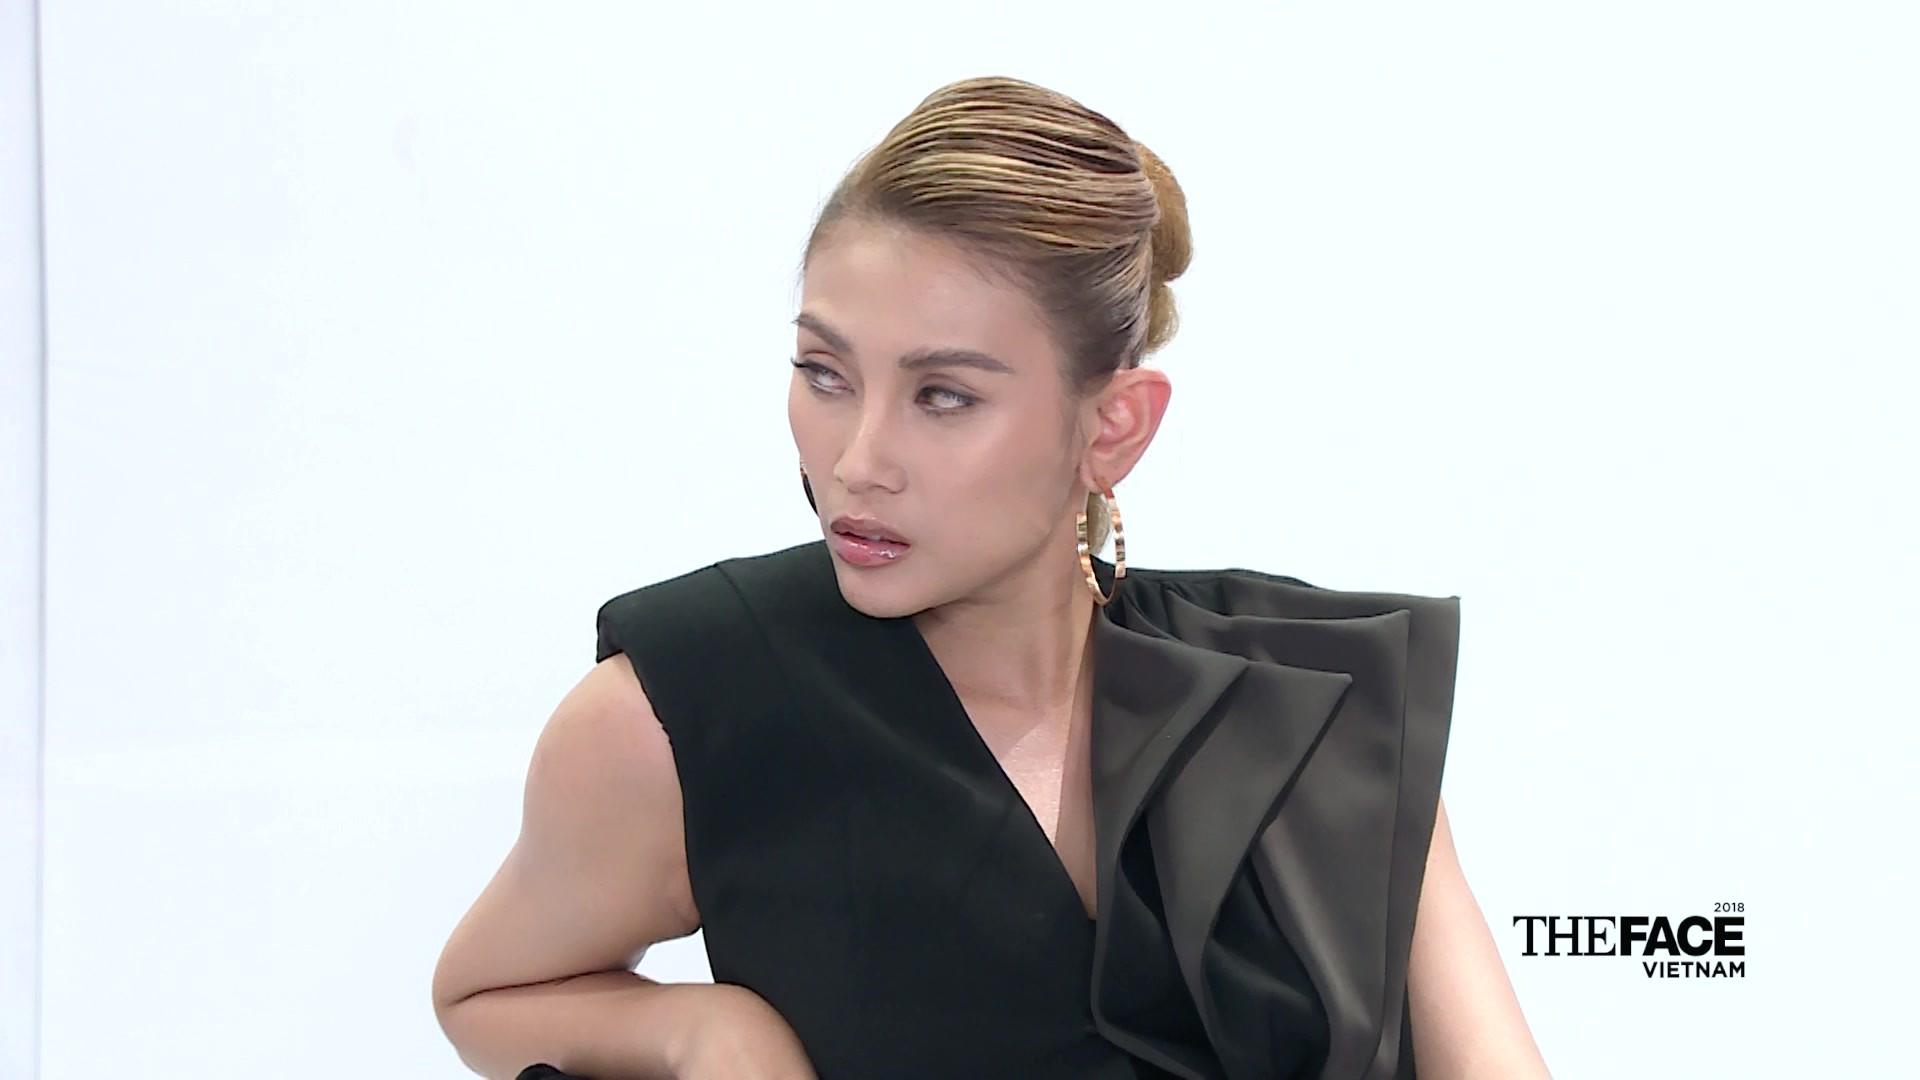 Trước mặt Minh Hằng, Thanh Hằng khẳng định: Đây là Hoa hậu, người mẫu, diễn viên  - Ảnh 10.